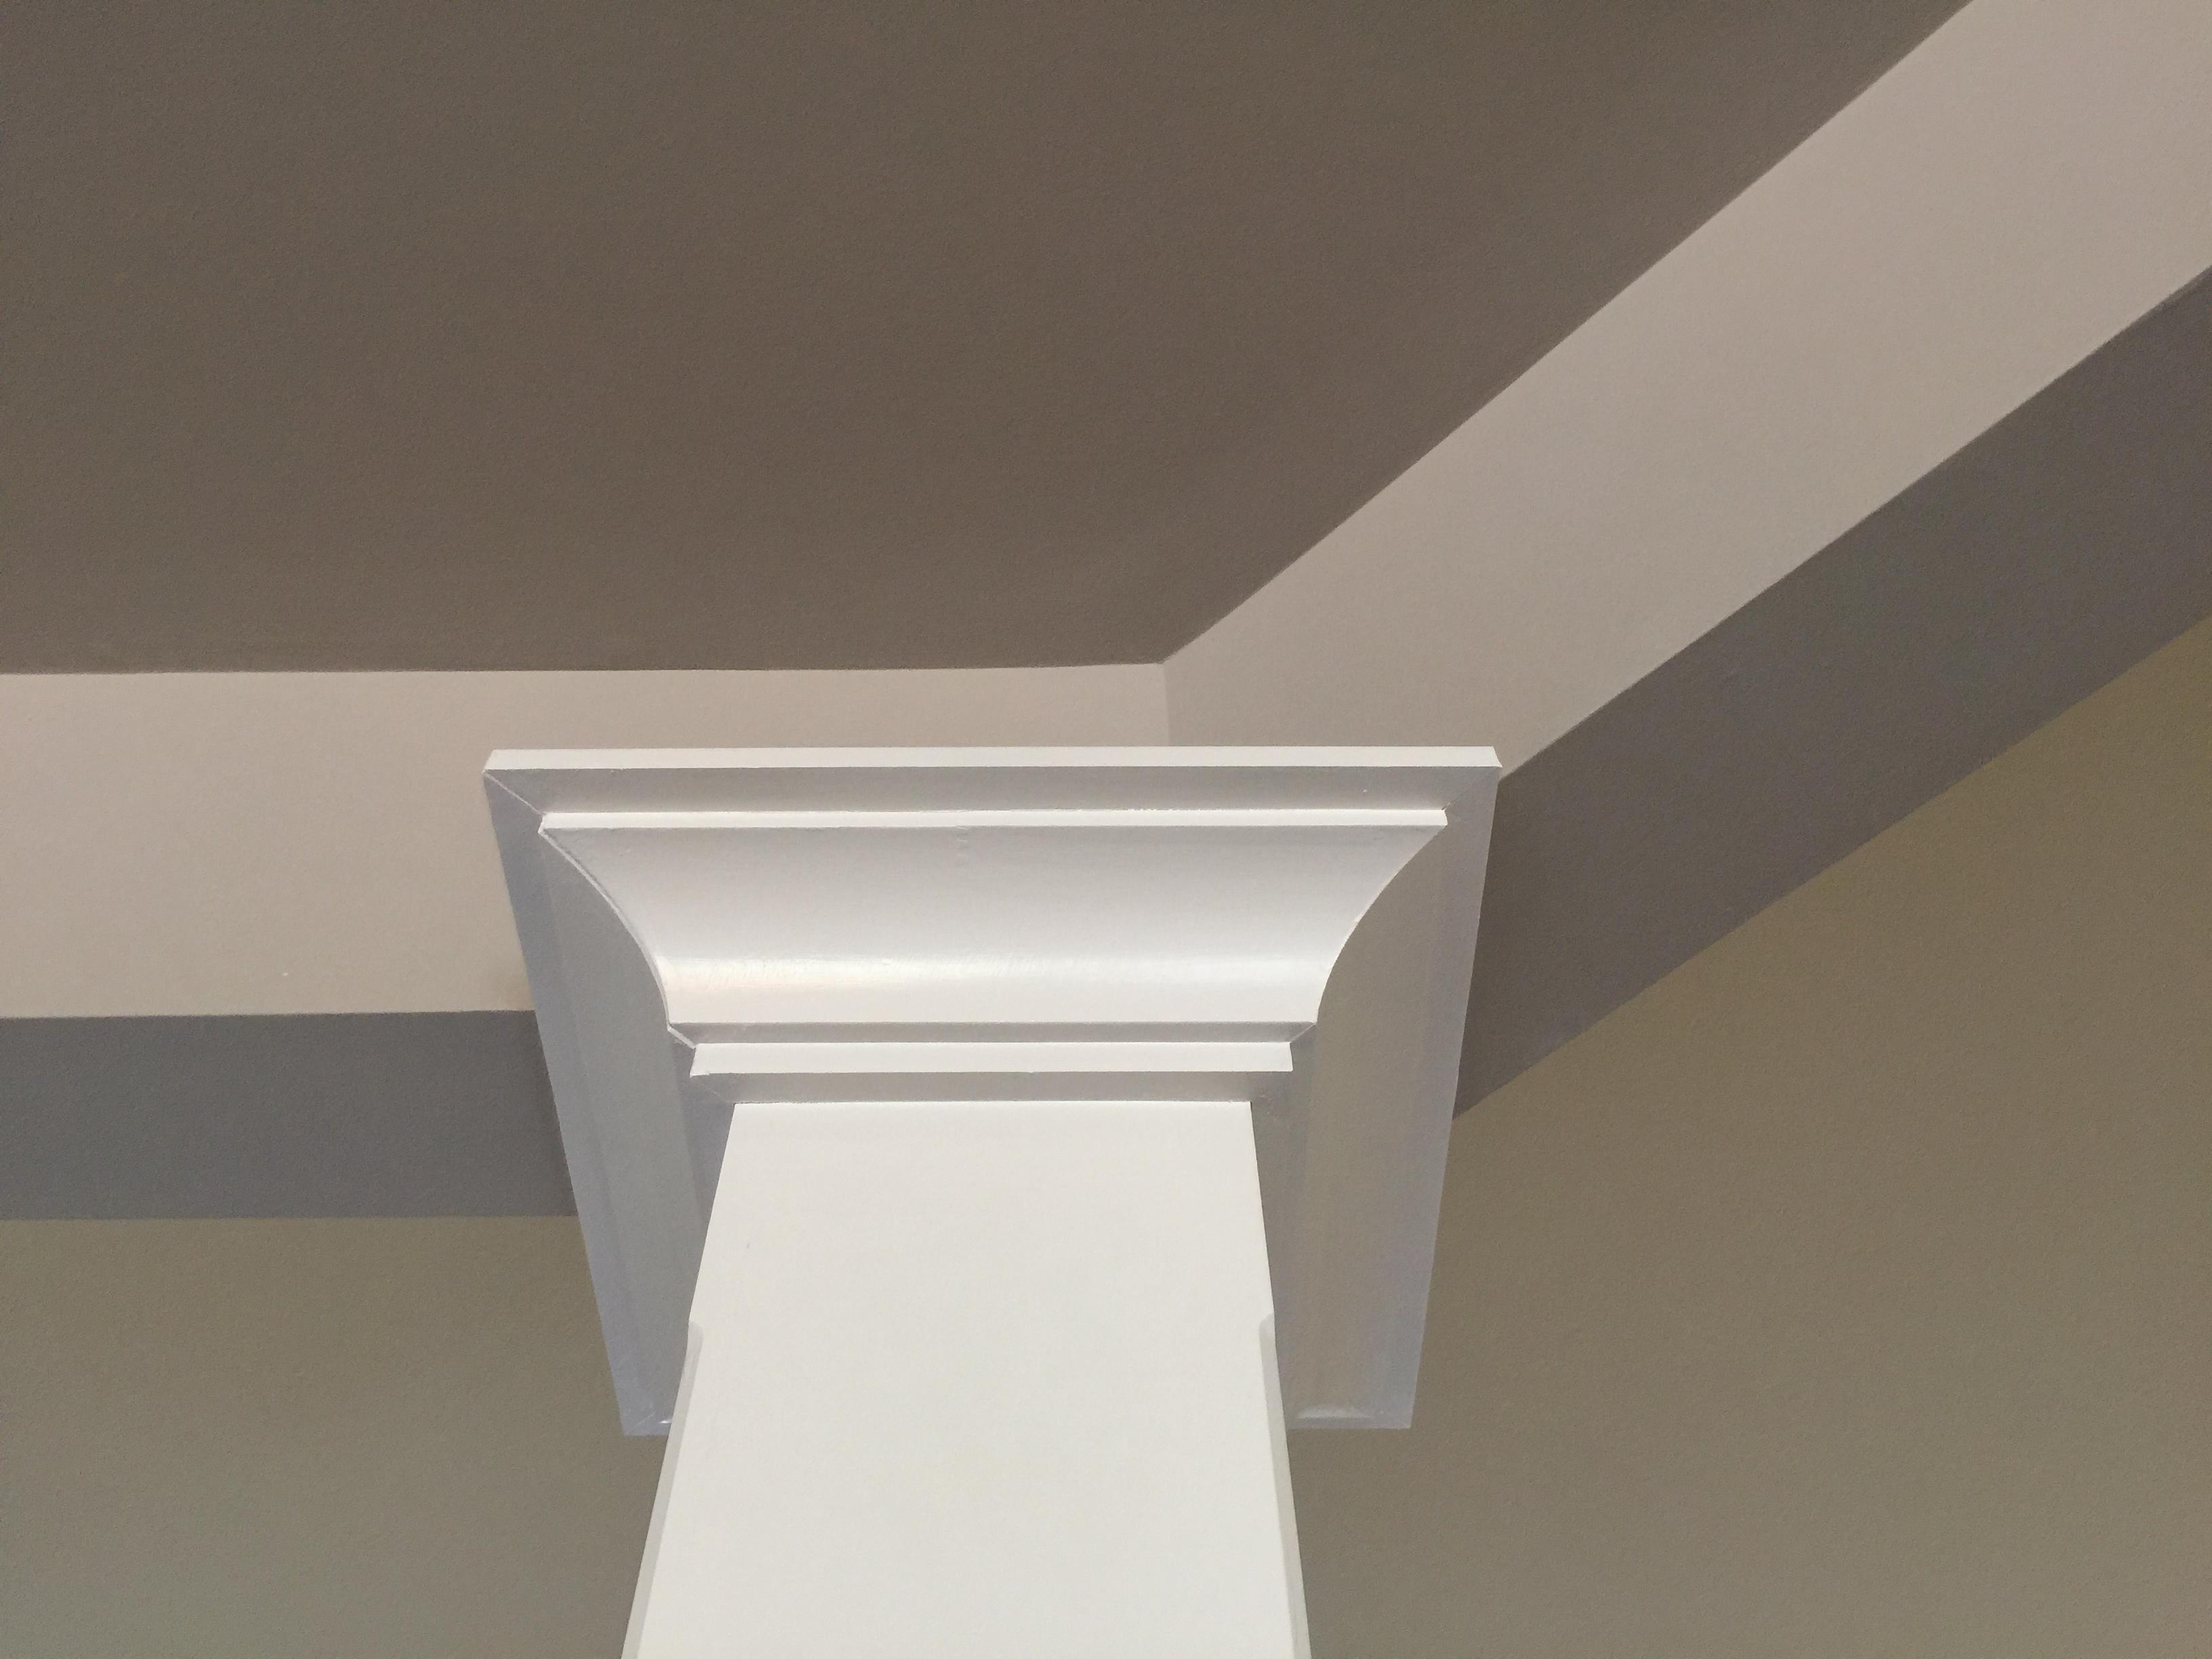 Building Interior Wood Square Pillars Happy Haute Home